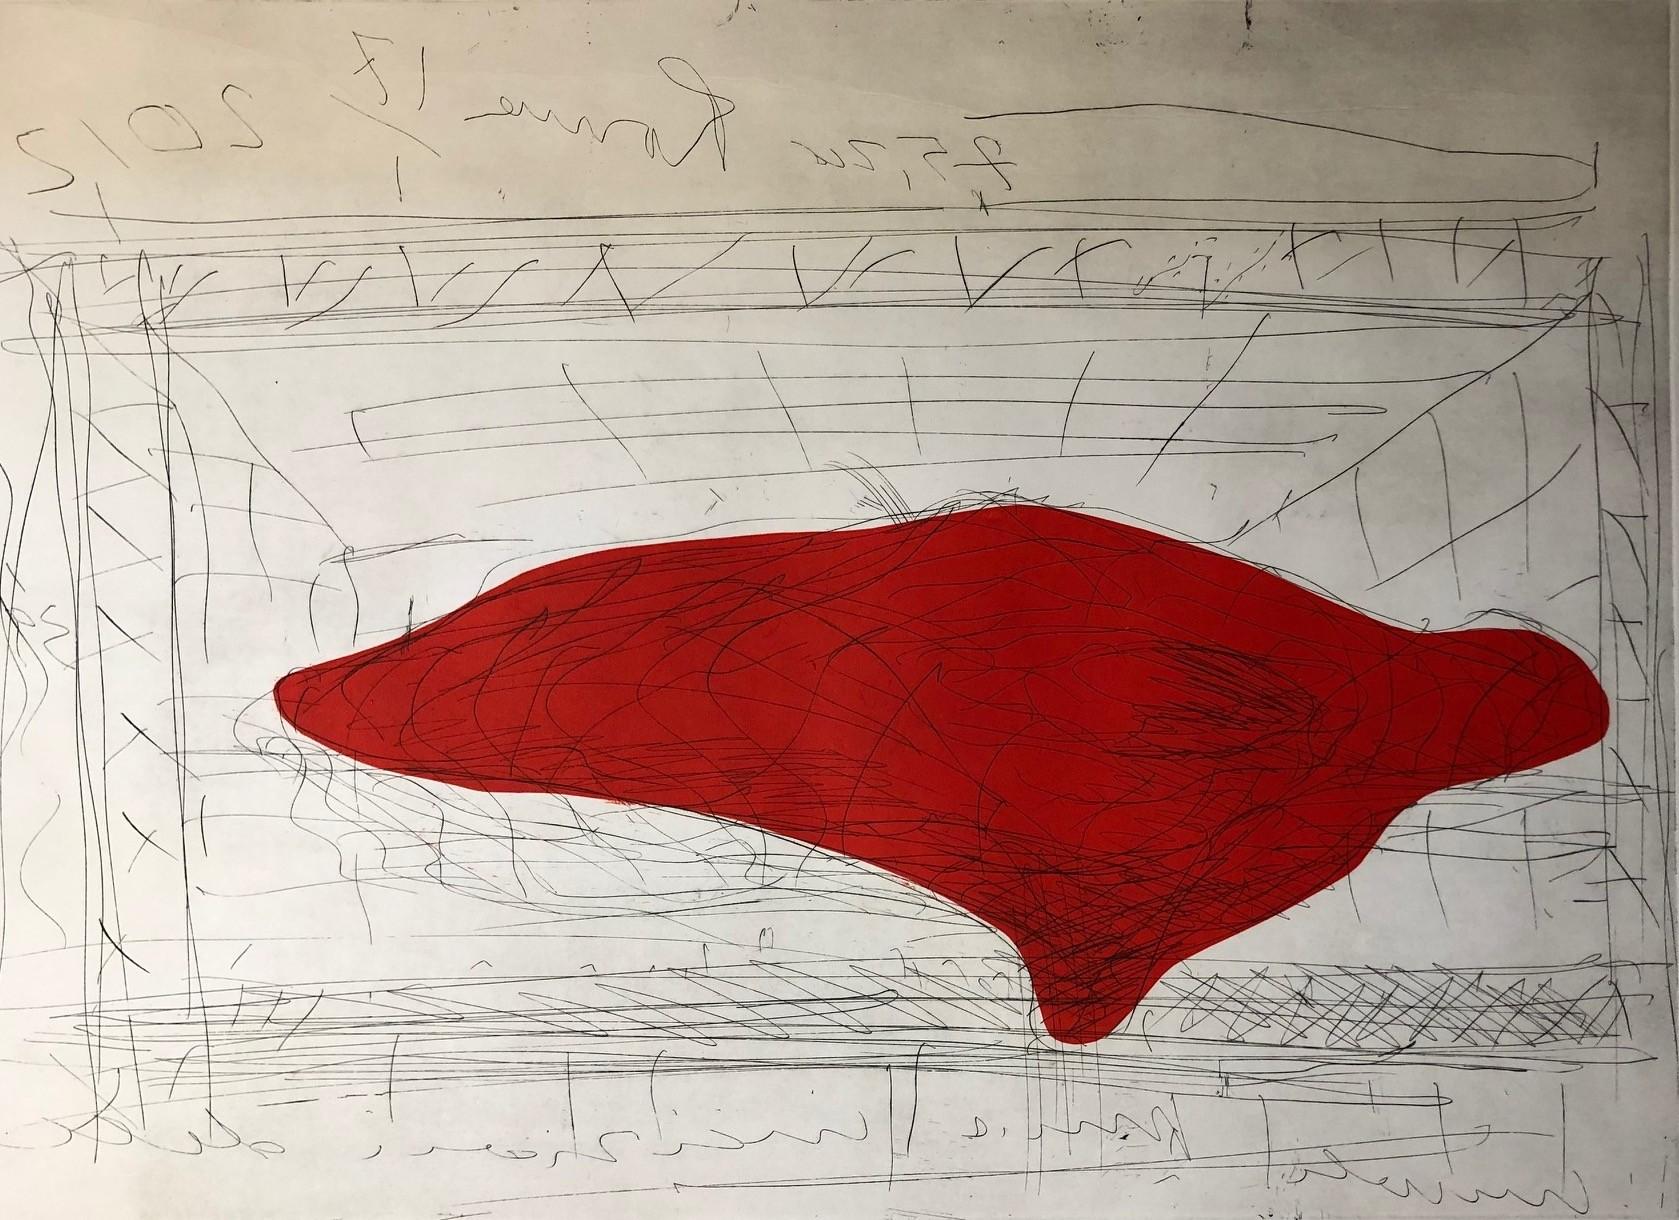 Massimiliano Fuksas_Incisione_Istituto Nazionale per la grafica_99,5x70,5